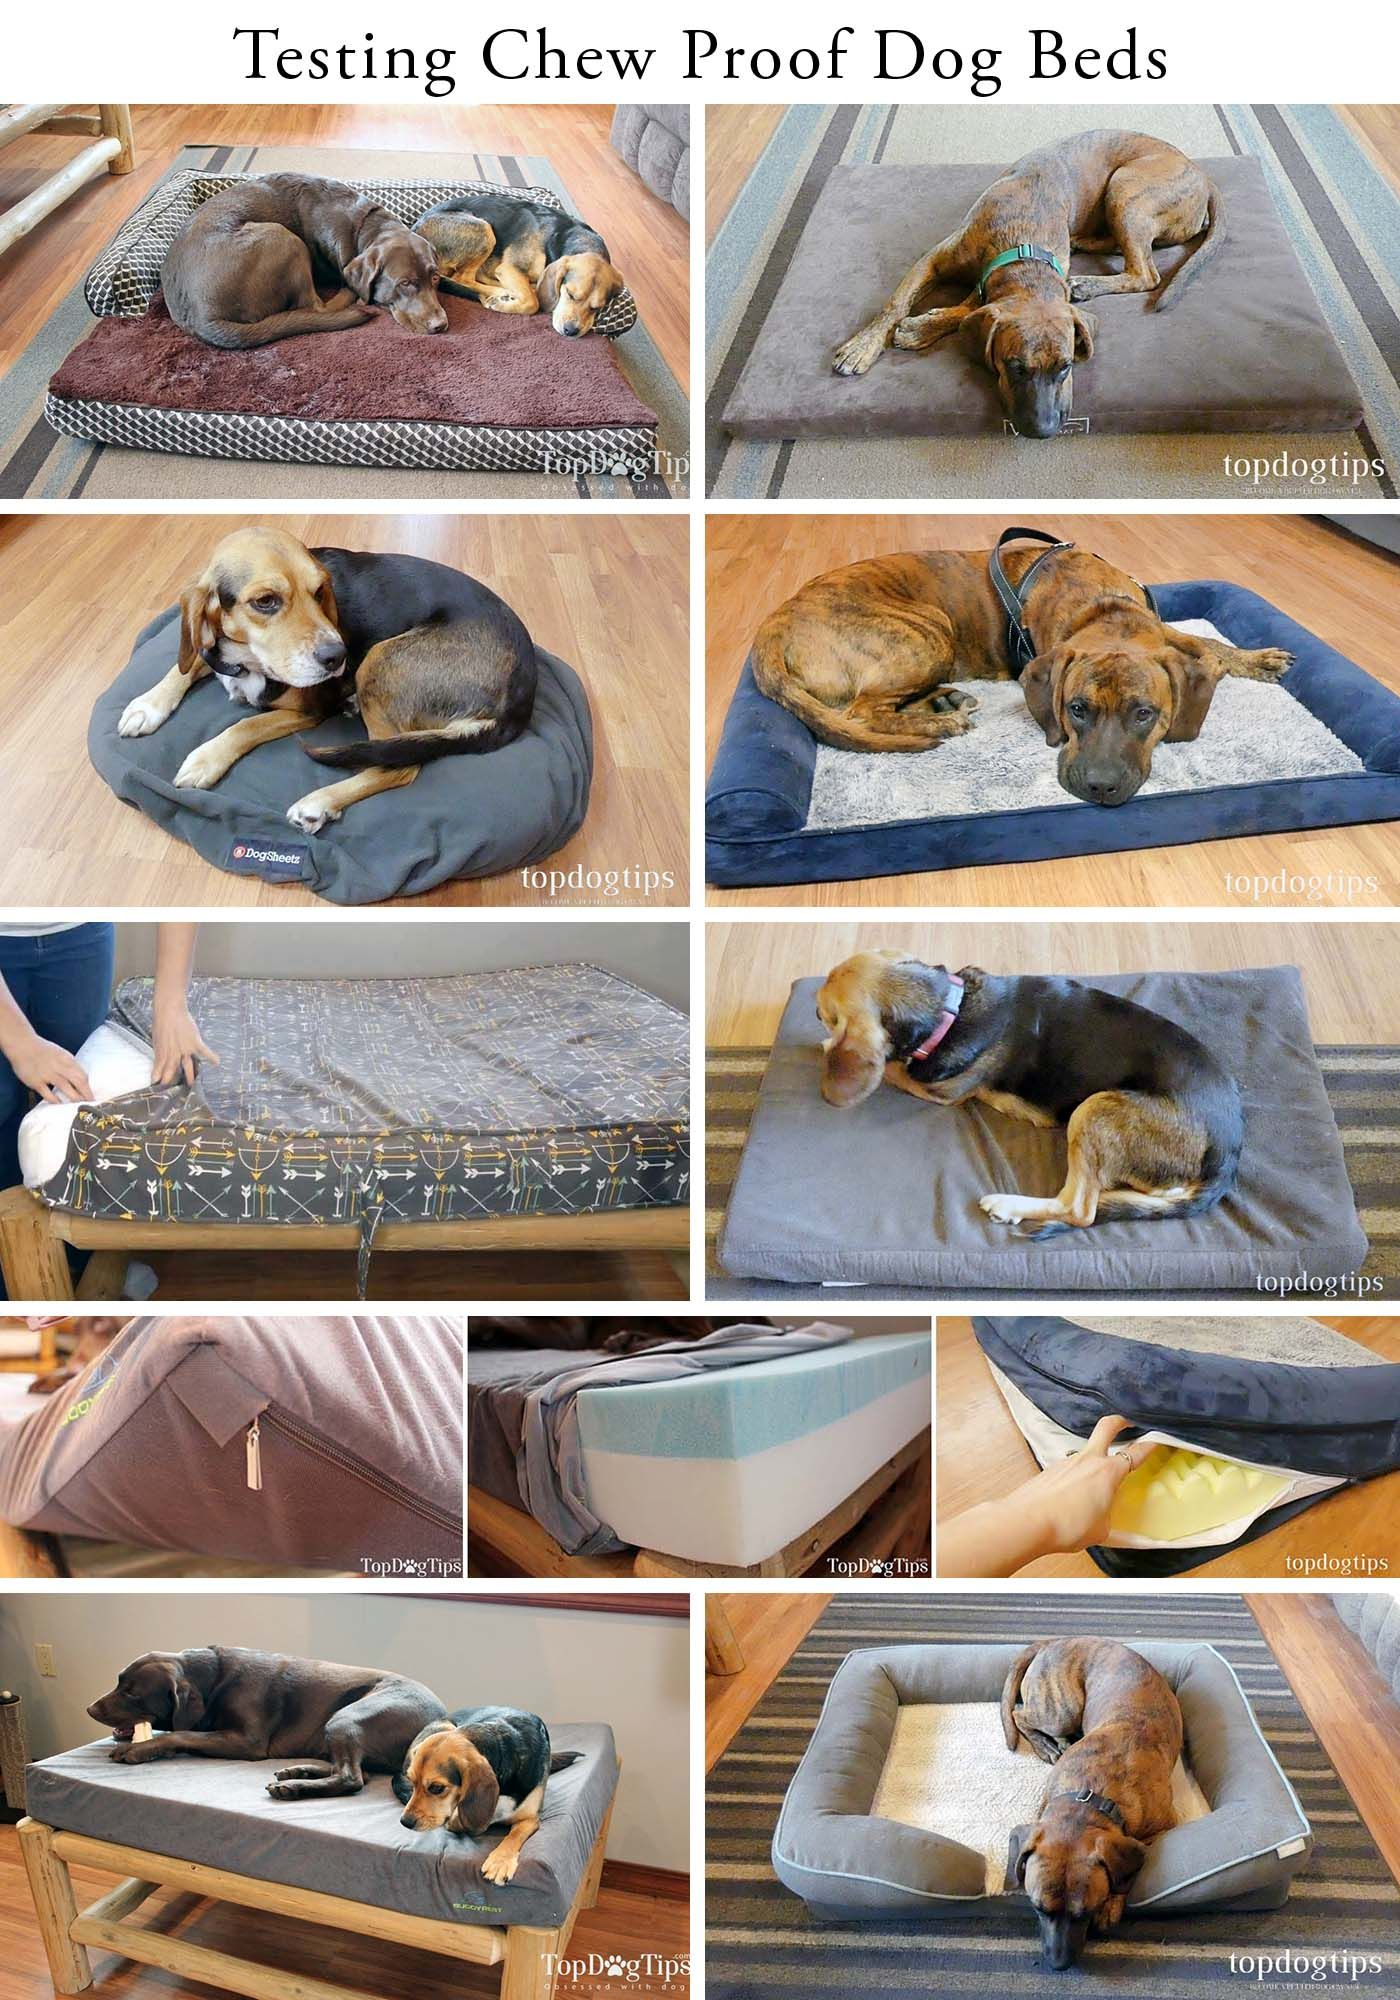 6 Most Chew Resistant Dog Beds 2020 Kuranda Vs K9 Ballistics Vs Other Dog Bed Indestructable Dog Bed Cool Dog Beds